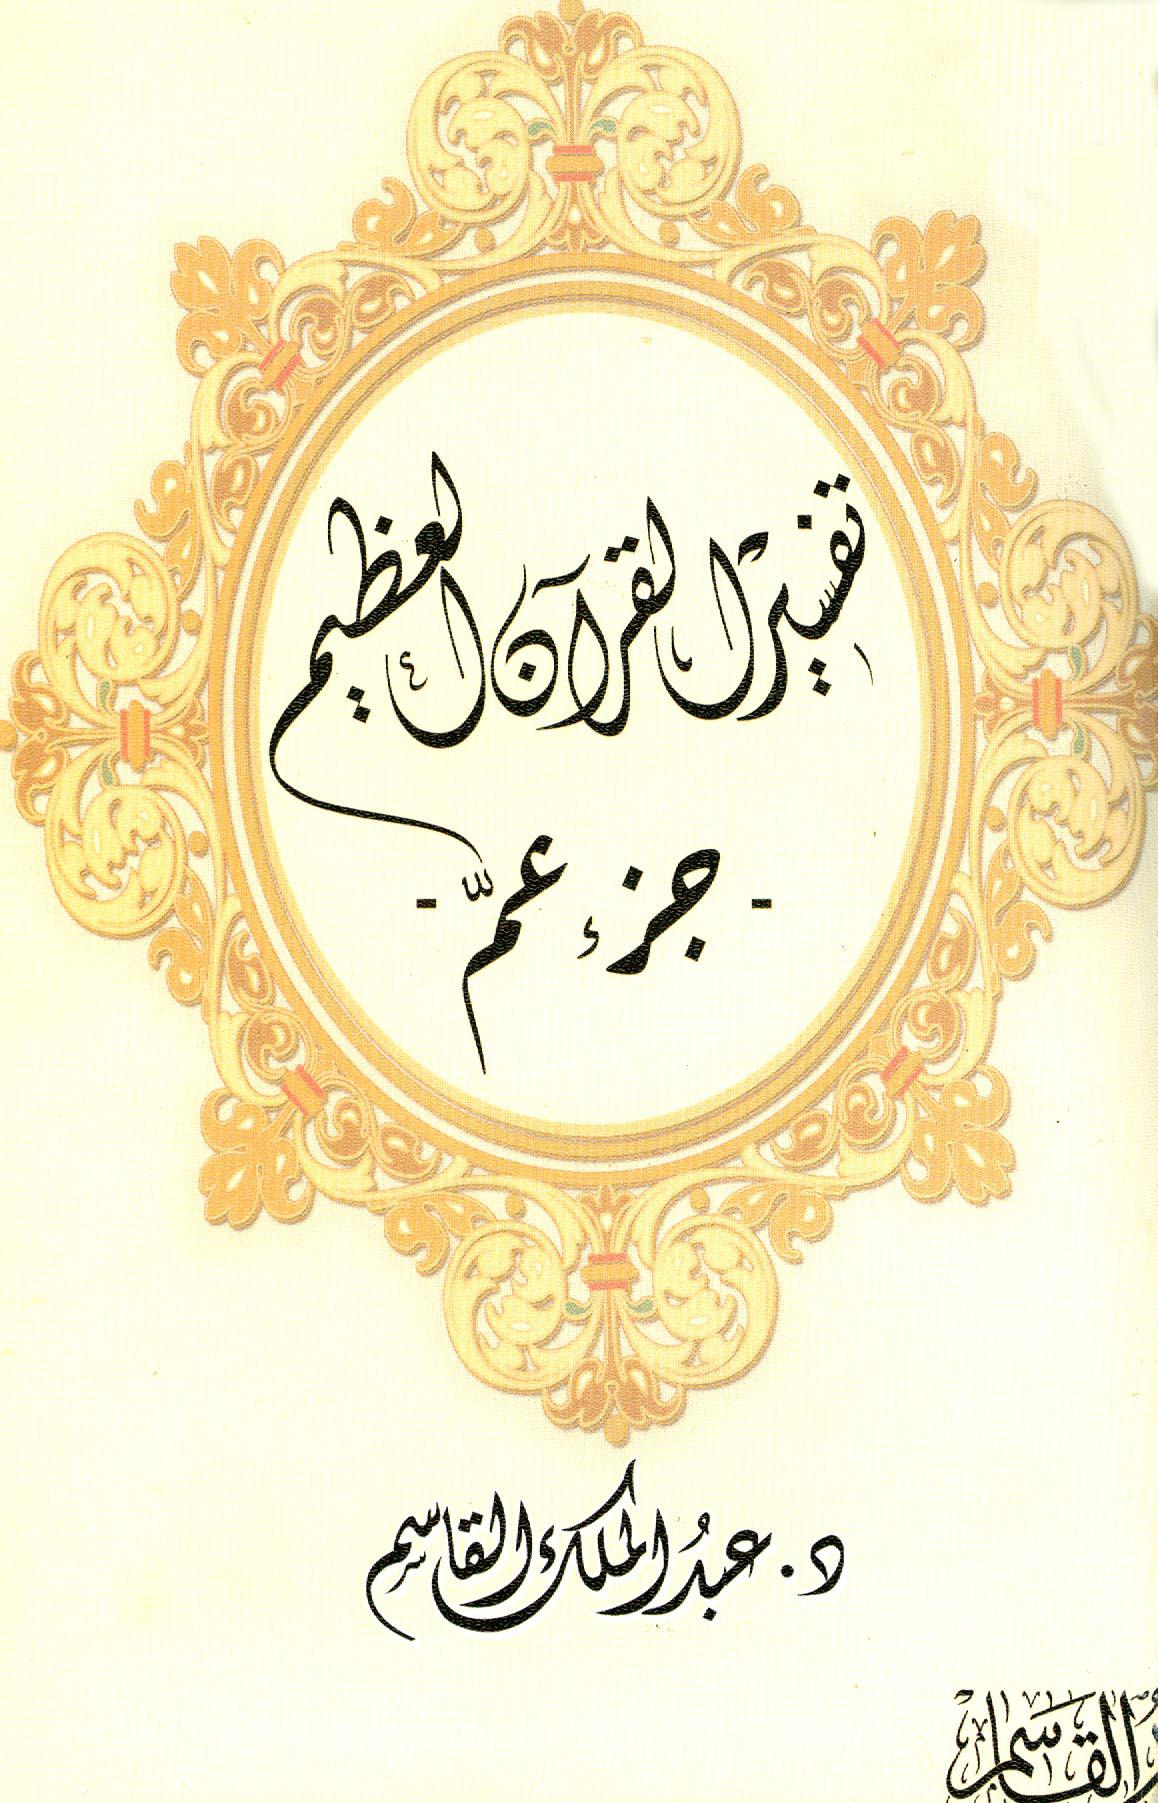 تحميل كتاب تفسير القرآن العظيم: جزء عم (عبد الملك القاسم) لـِ: الشيخ عبد الملك بن محمد بن عبد الرحمن بن قاسم العاصمي